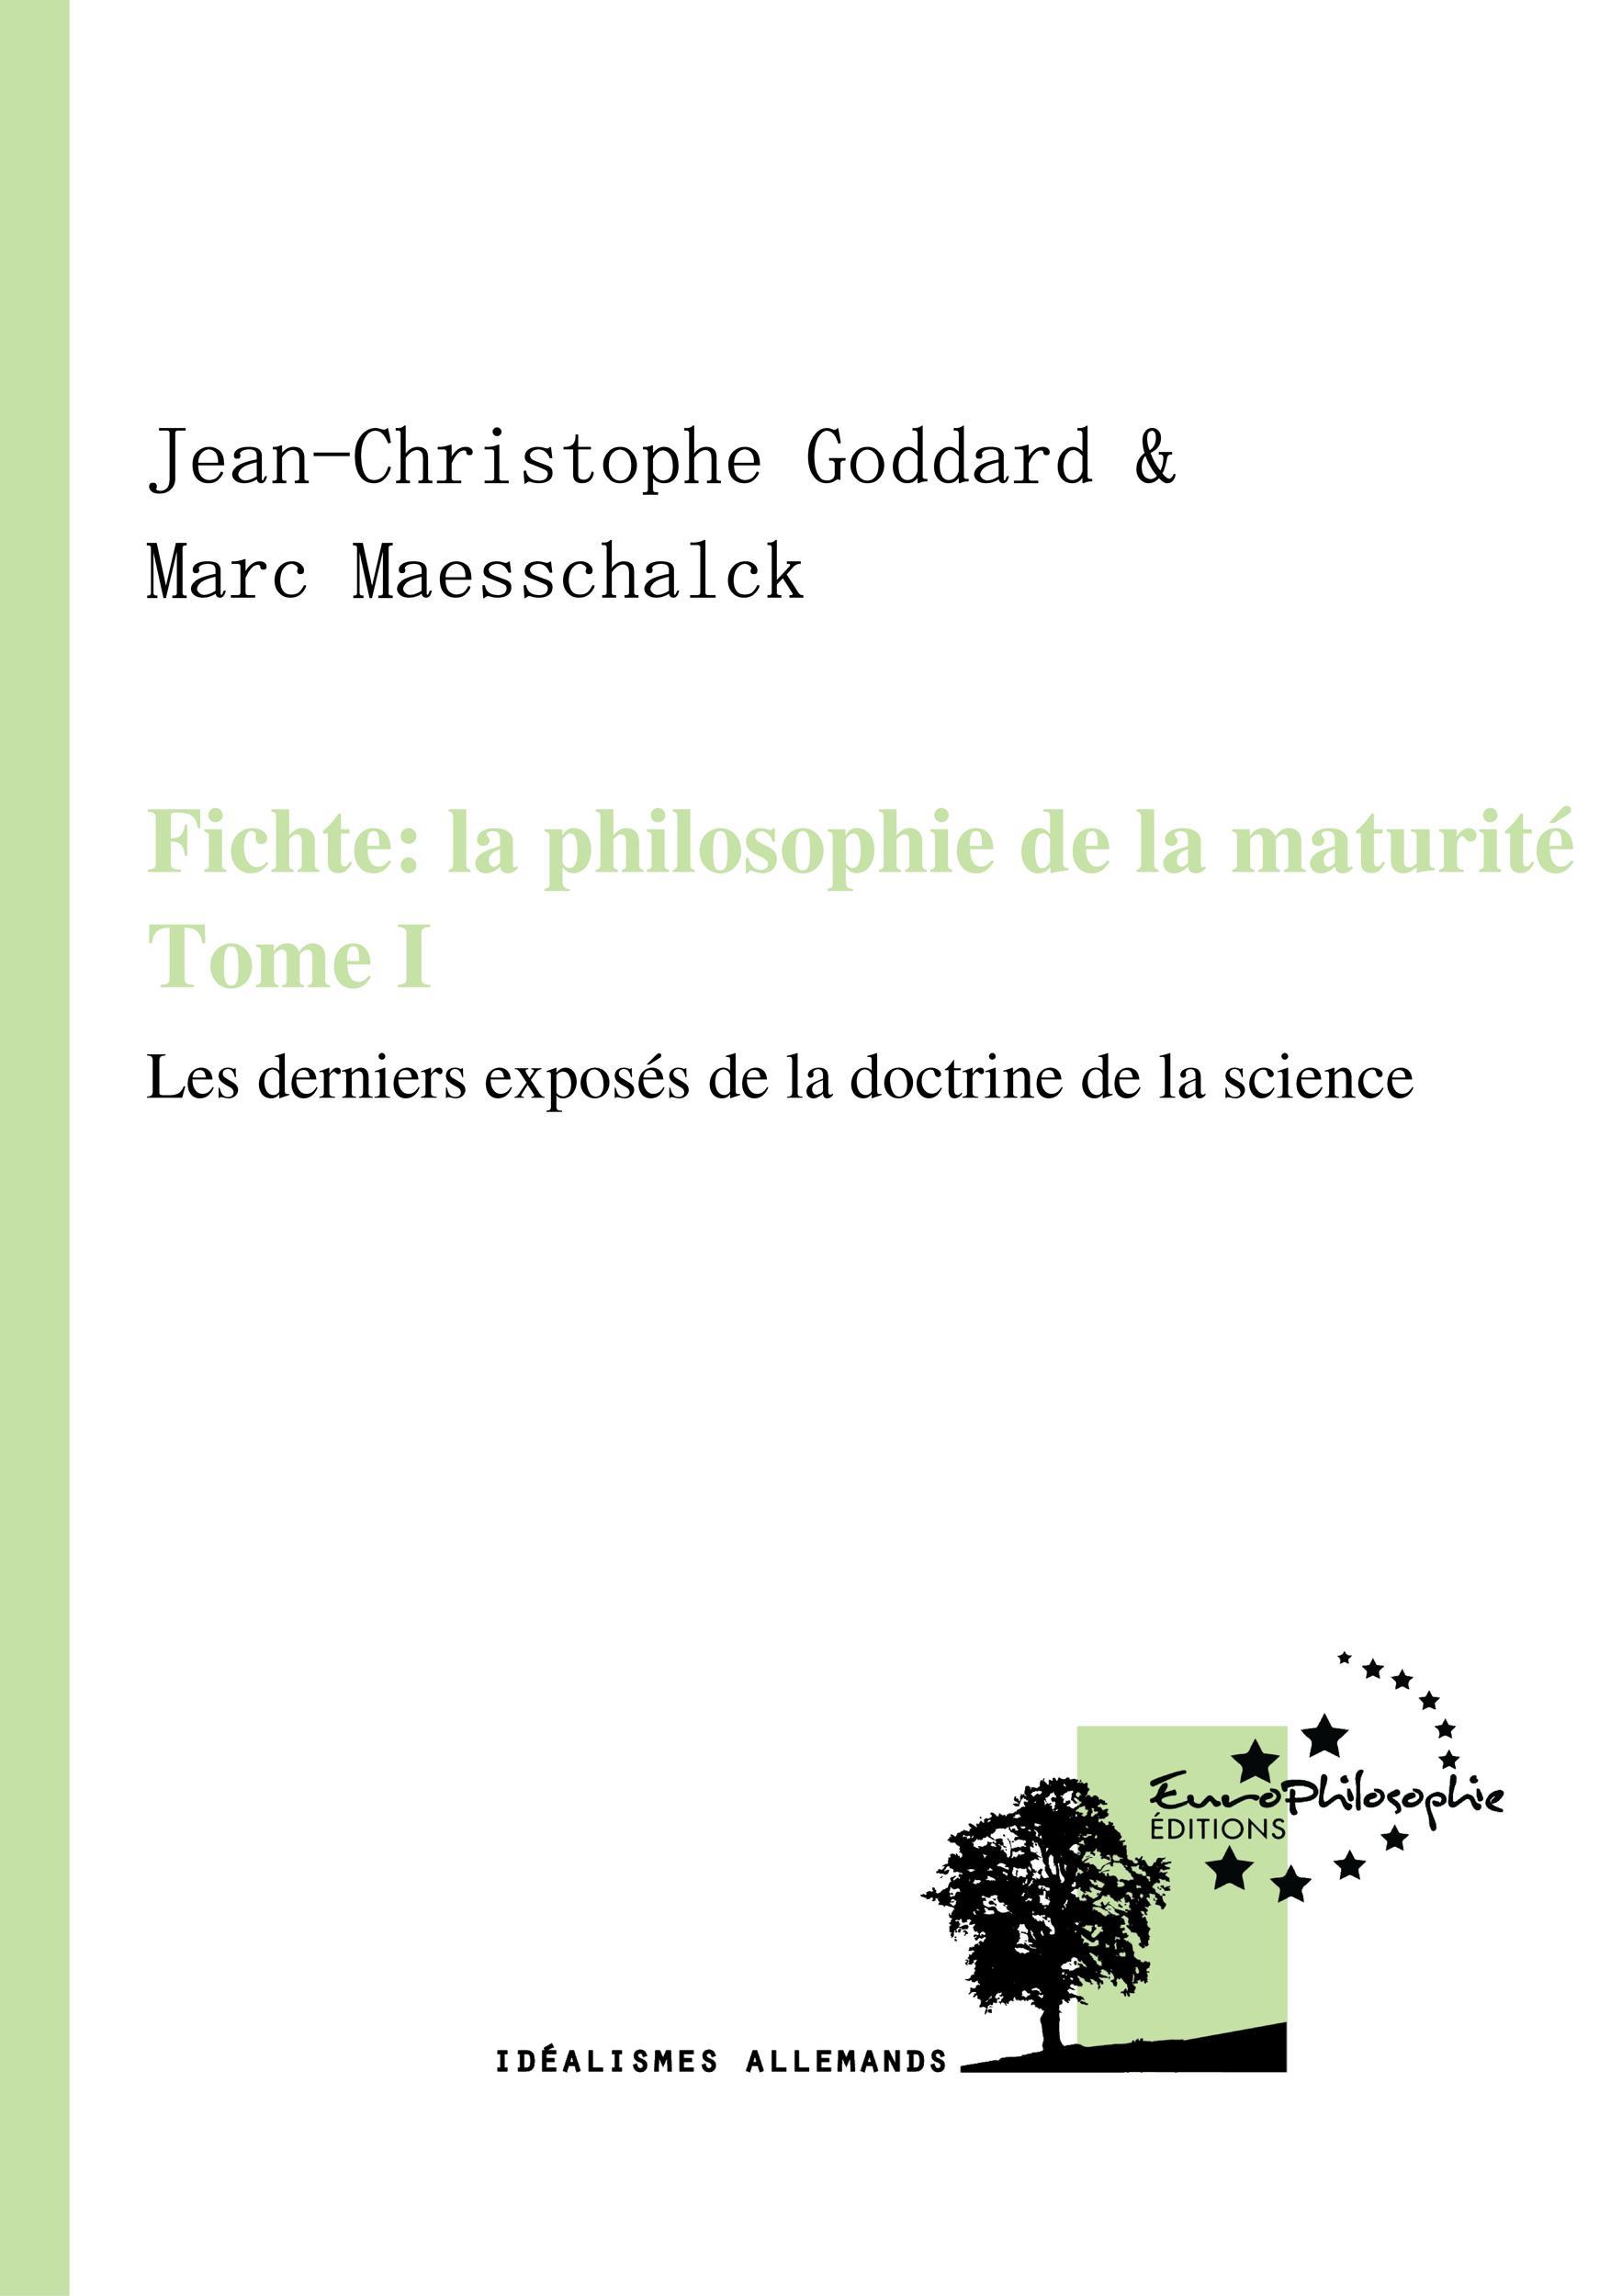 Fichte: la philosophie de la maturité. Tome I, LES DERNIERS EXPOSÉS DE LA DOCTRINE DE LA SCIENCE